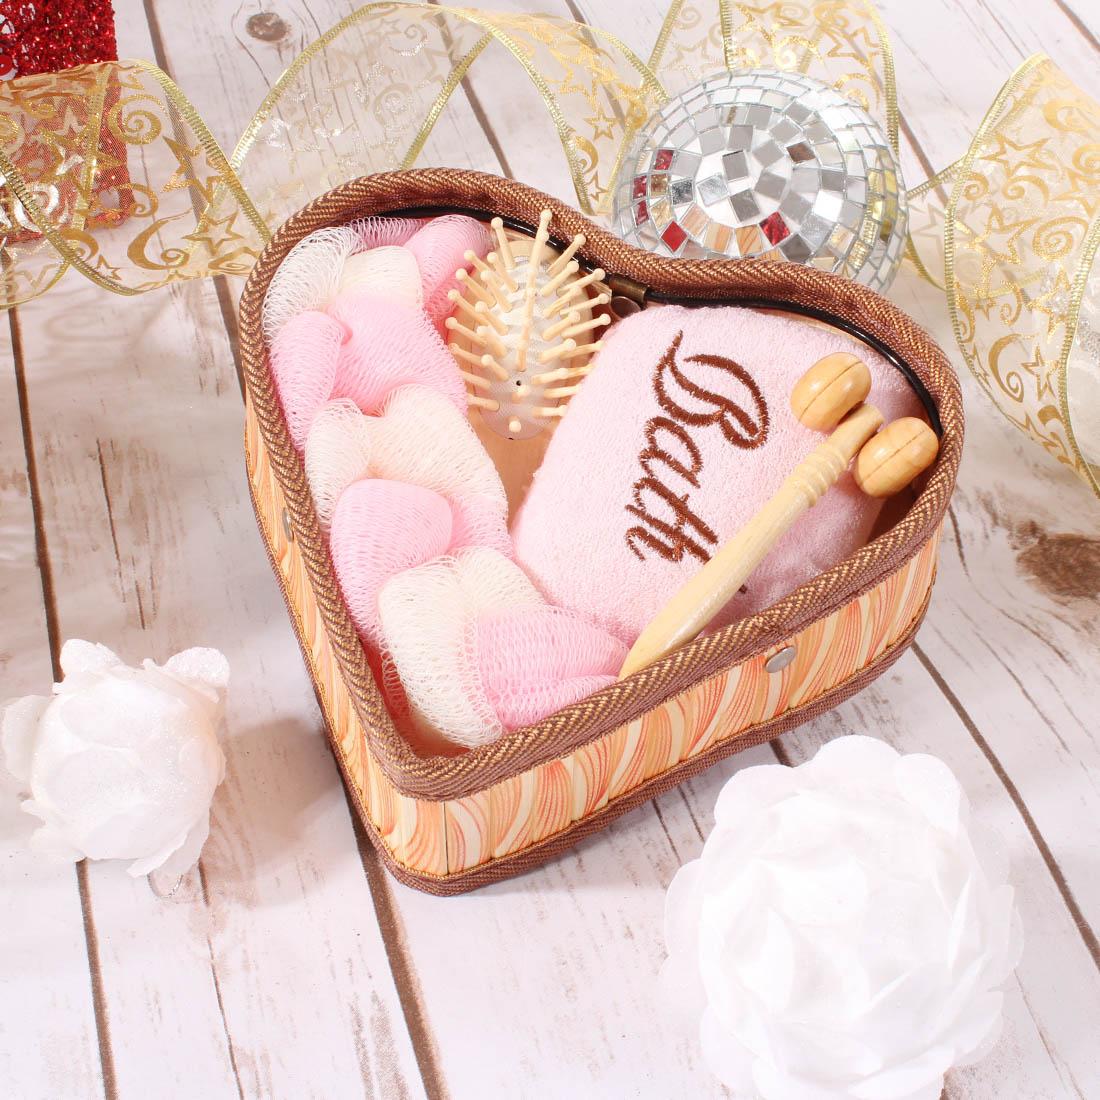 {} Eleganta Набор для ванной Moise Цвет: Розовый (Универсальный) eleganta eleganta фотошторы блюз